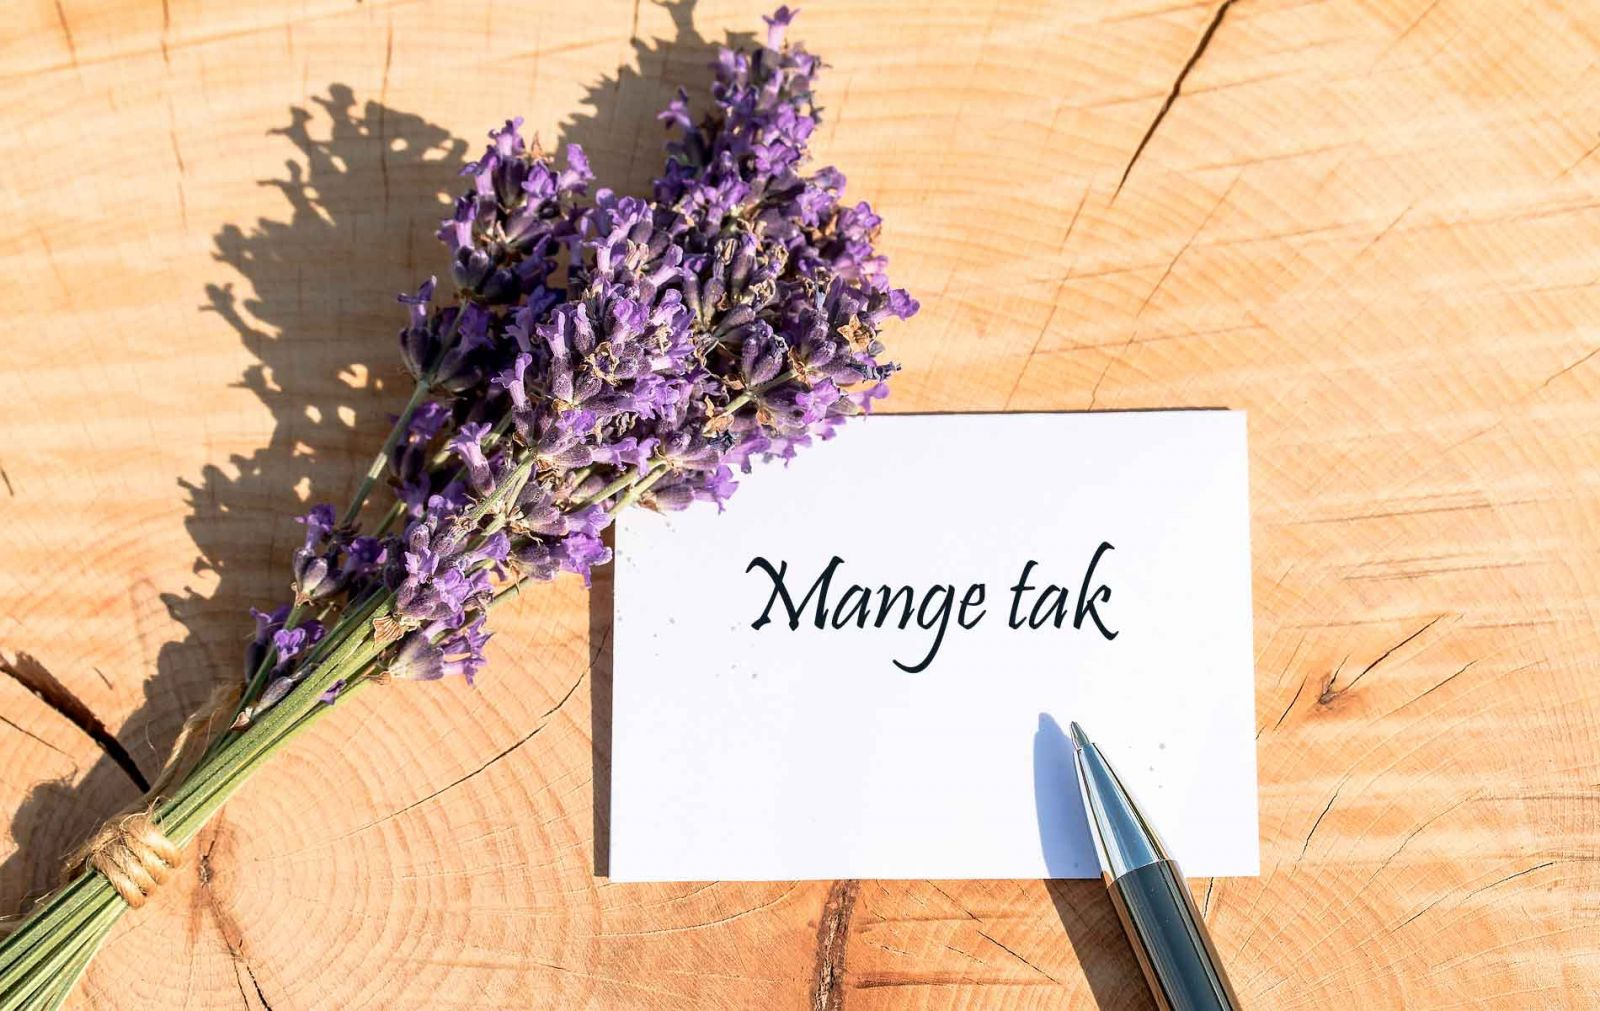 Guide til at skrive et takkekort